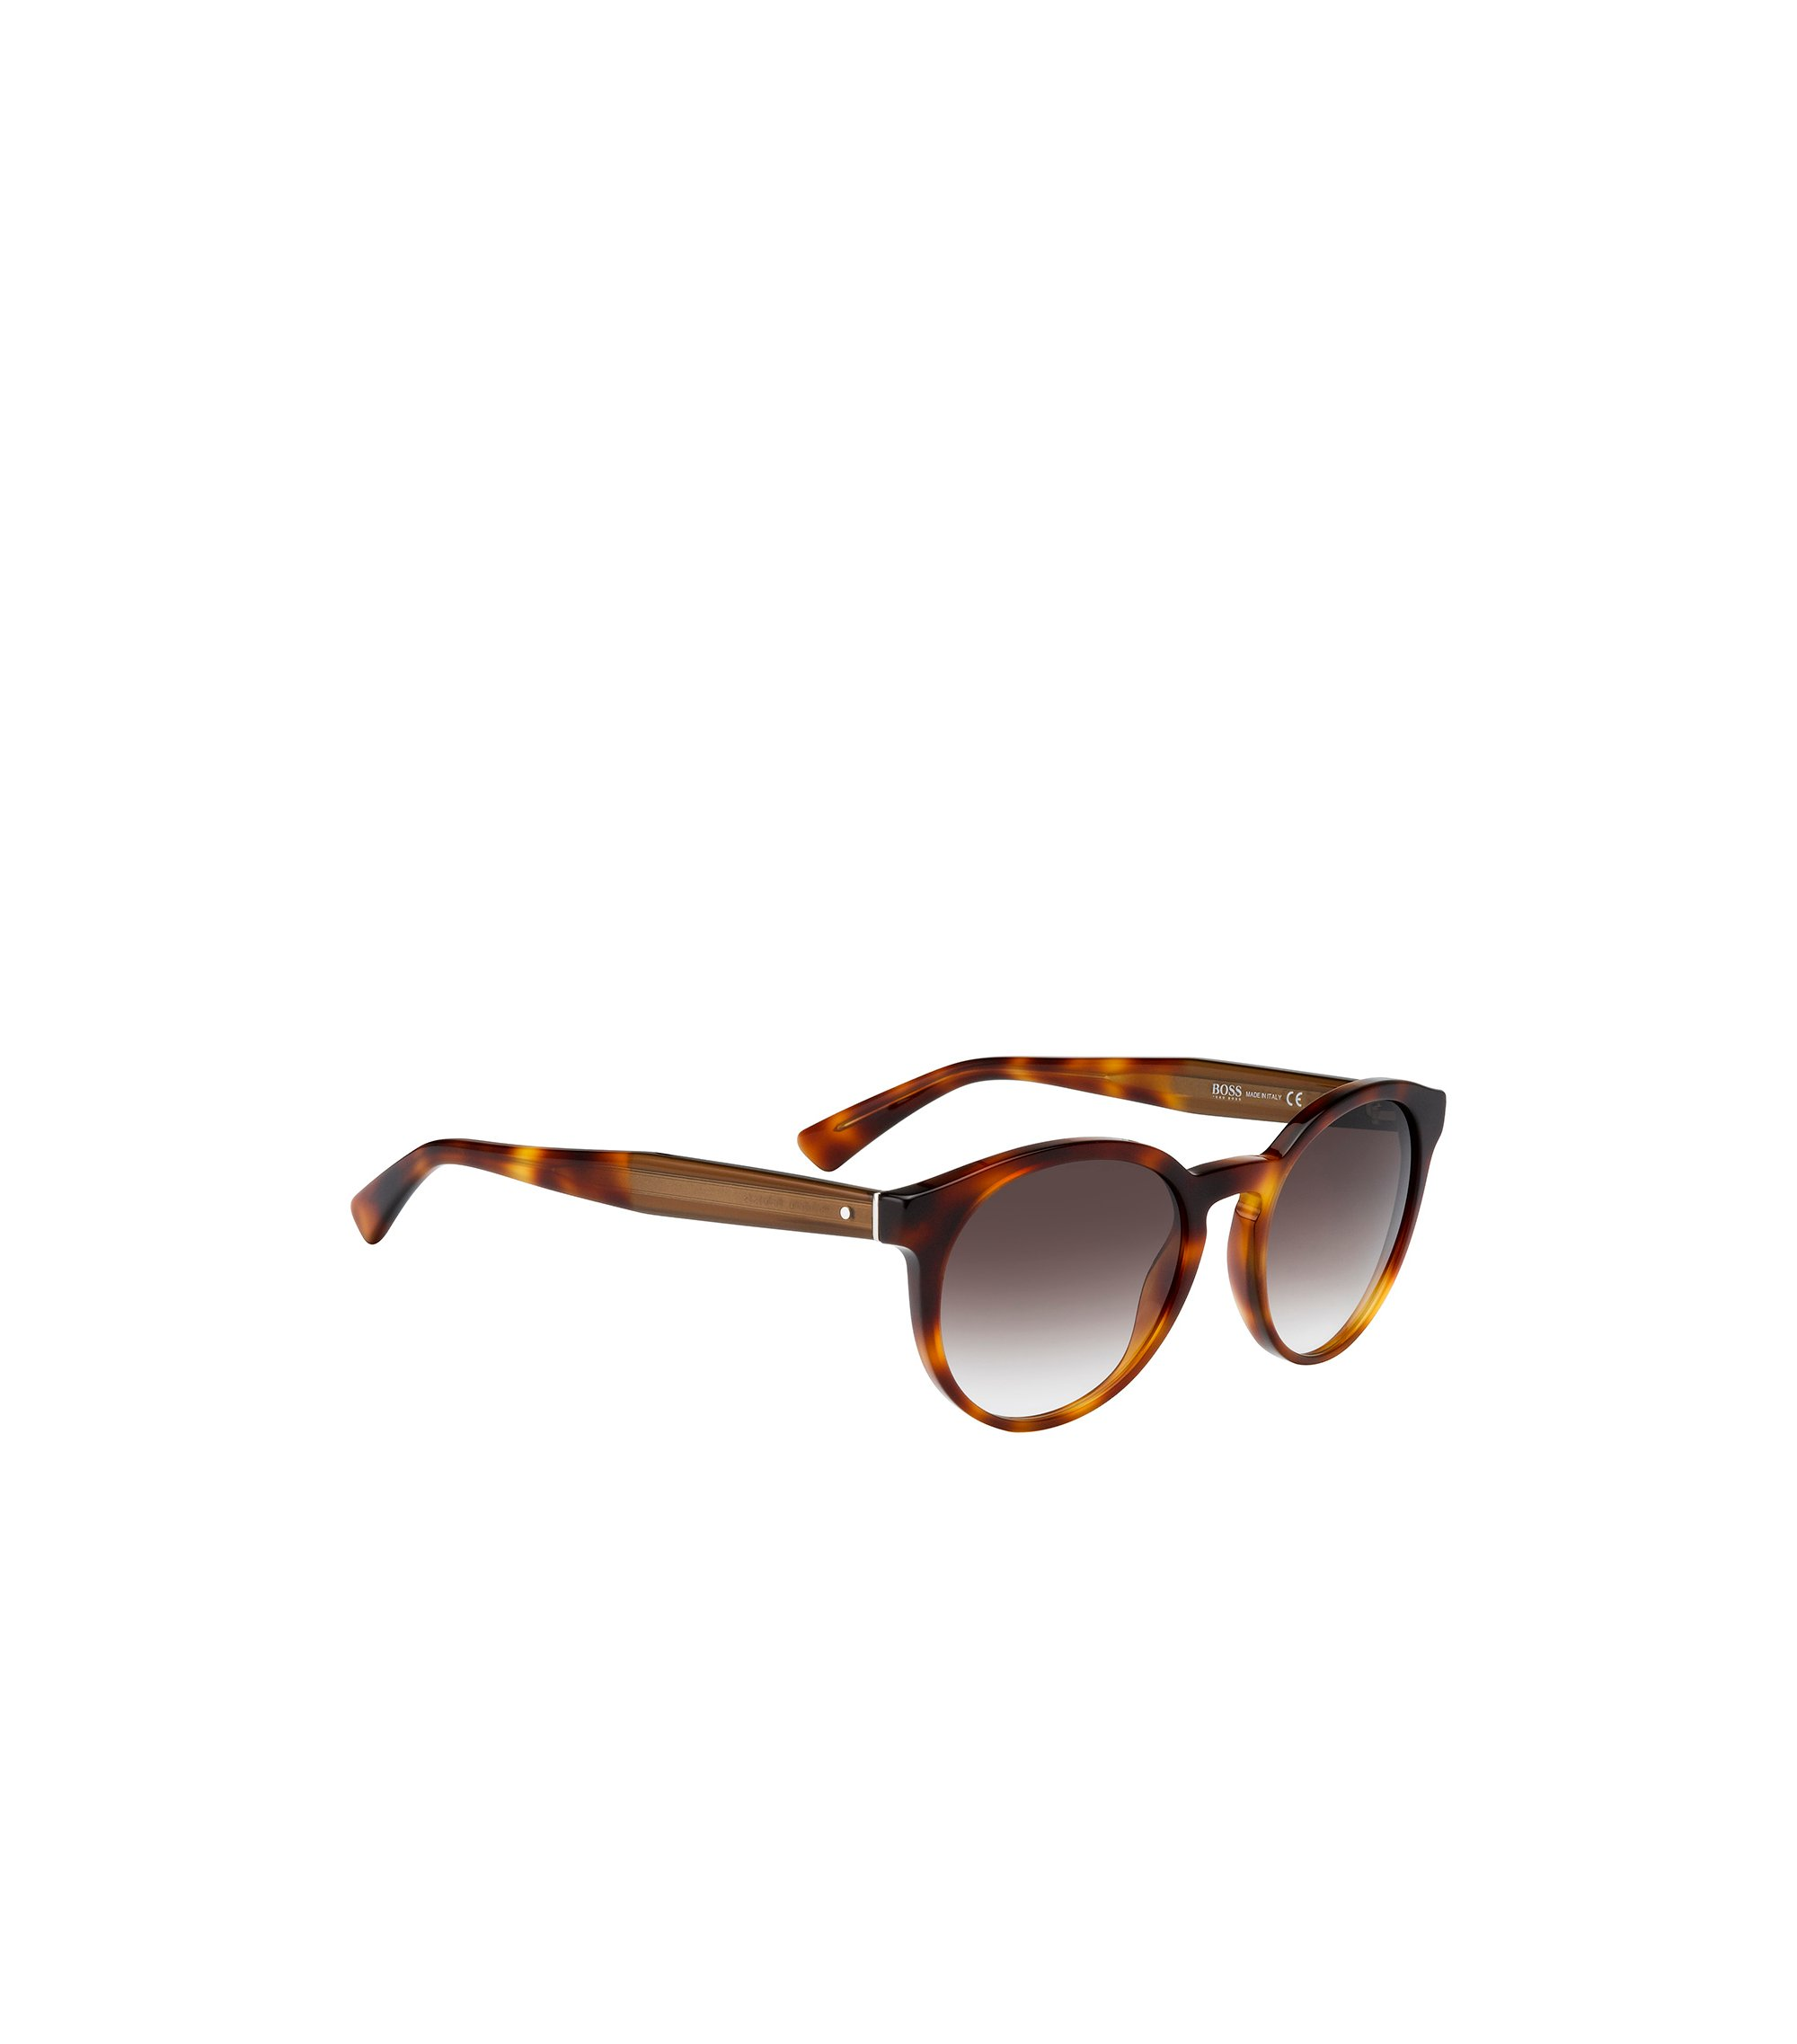 Braune Sonnenbrille im Panto-Stil: 'BOSS 0794/S', Assorted-Pre-Pack